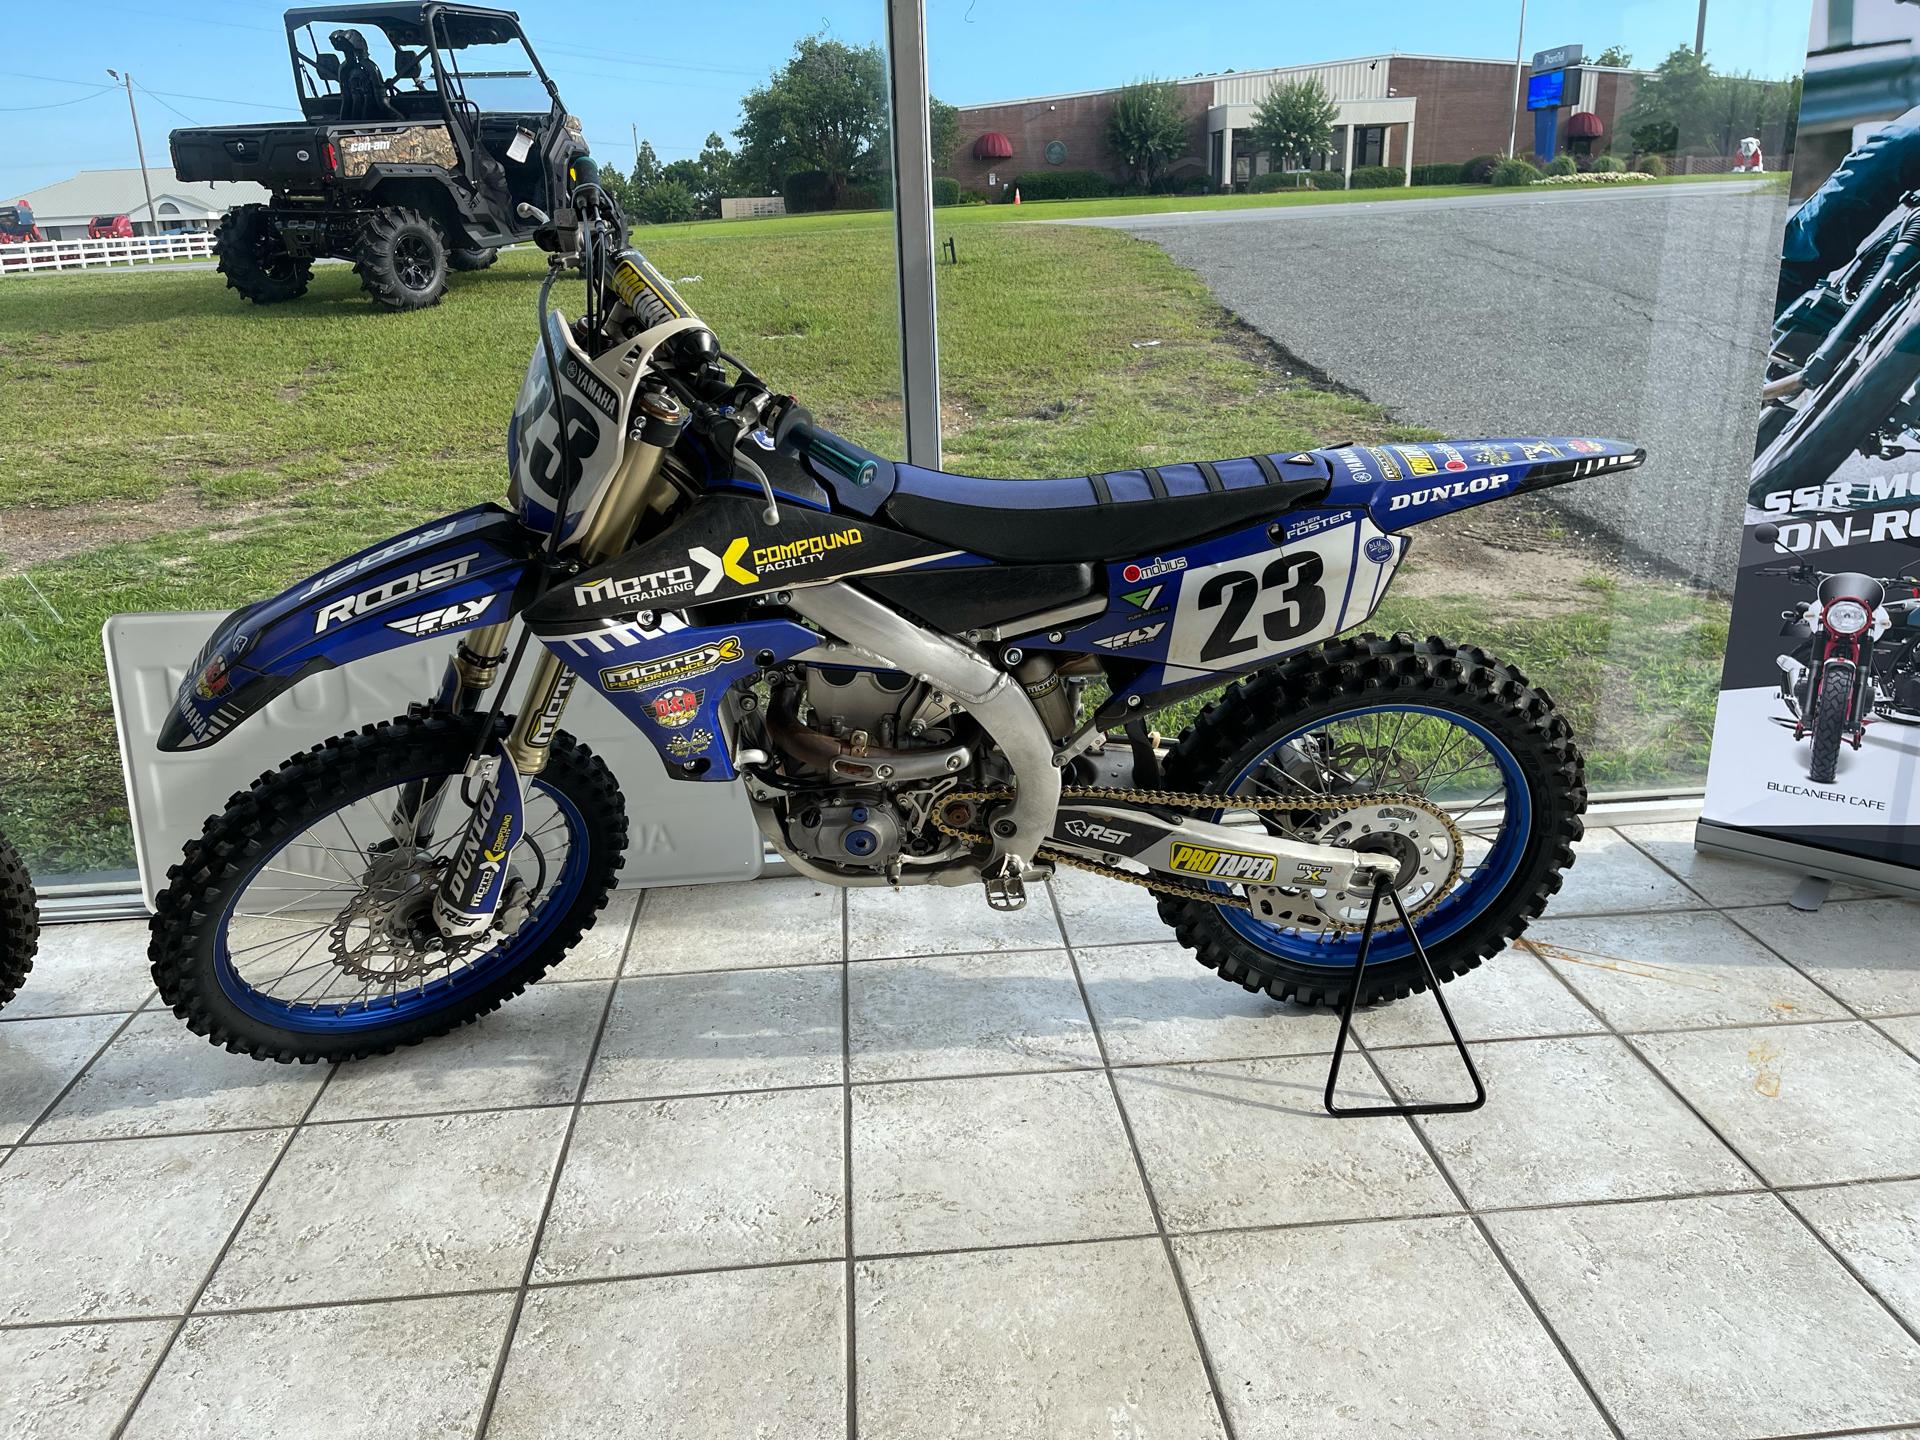 Photo Used 2019 Yamaha Mx Motorcycle